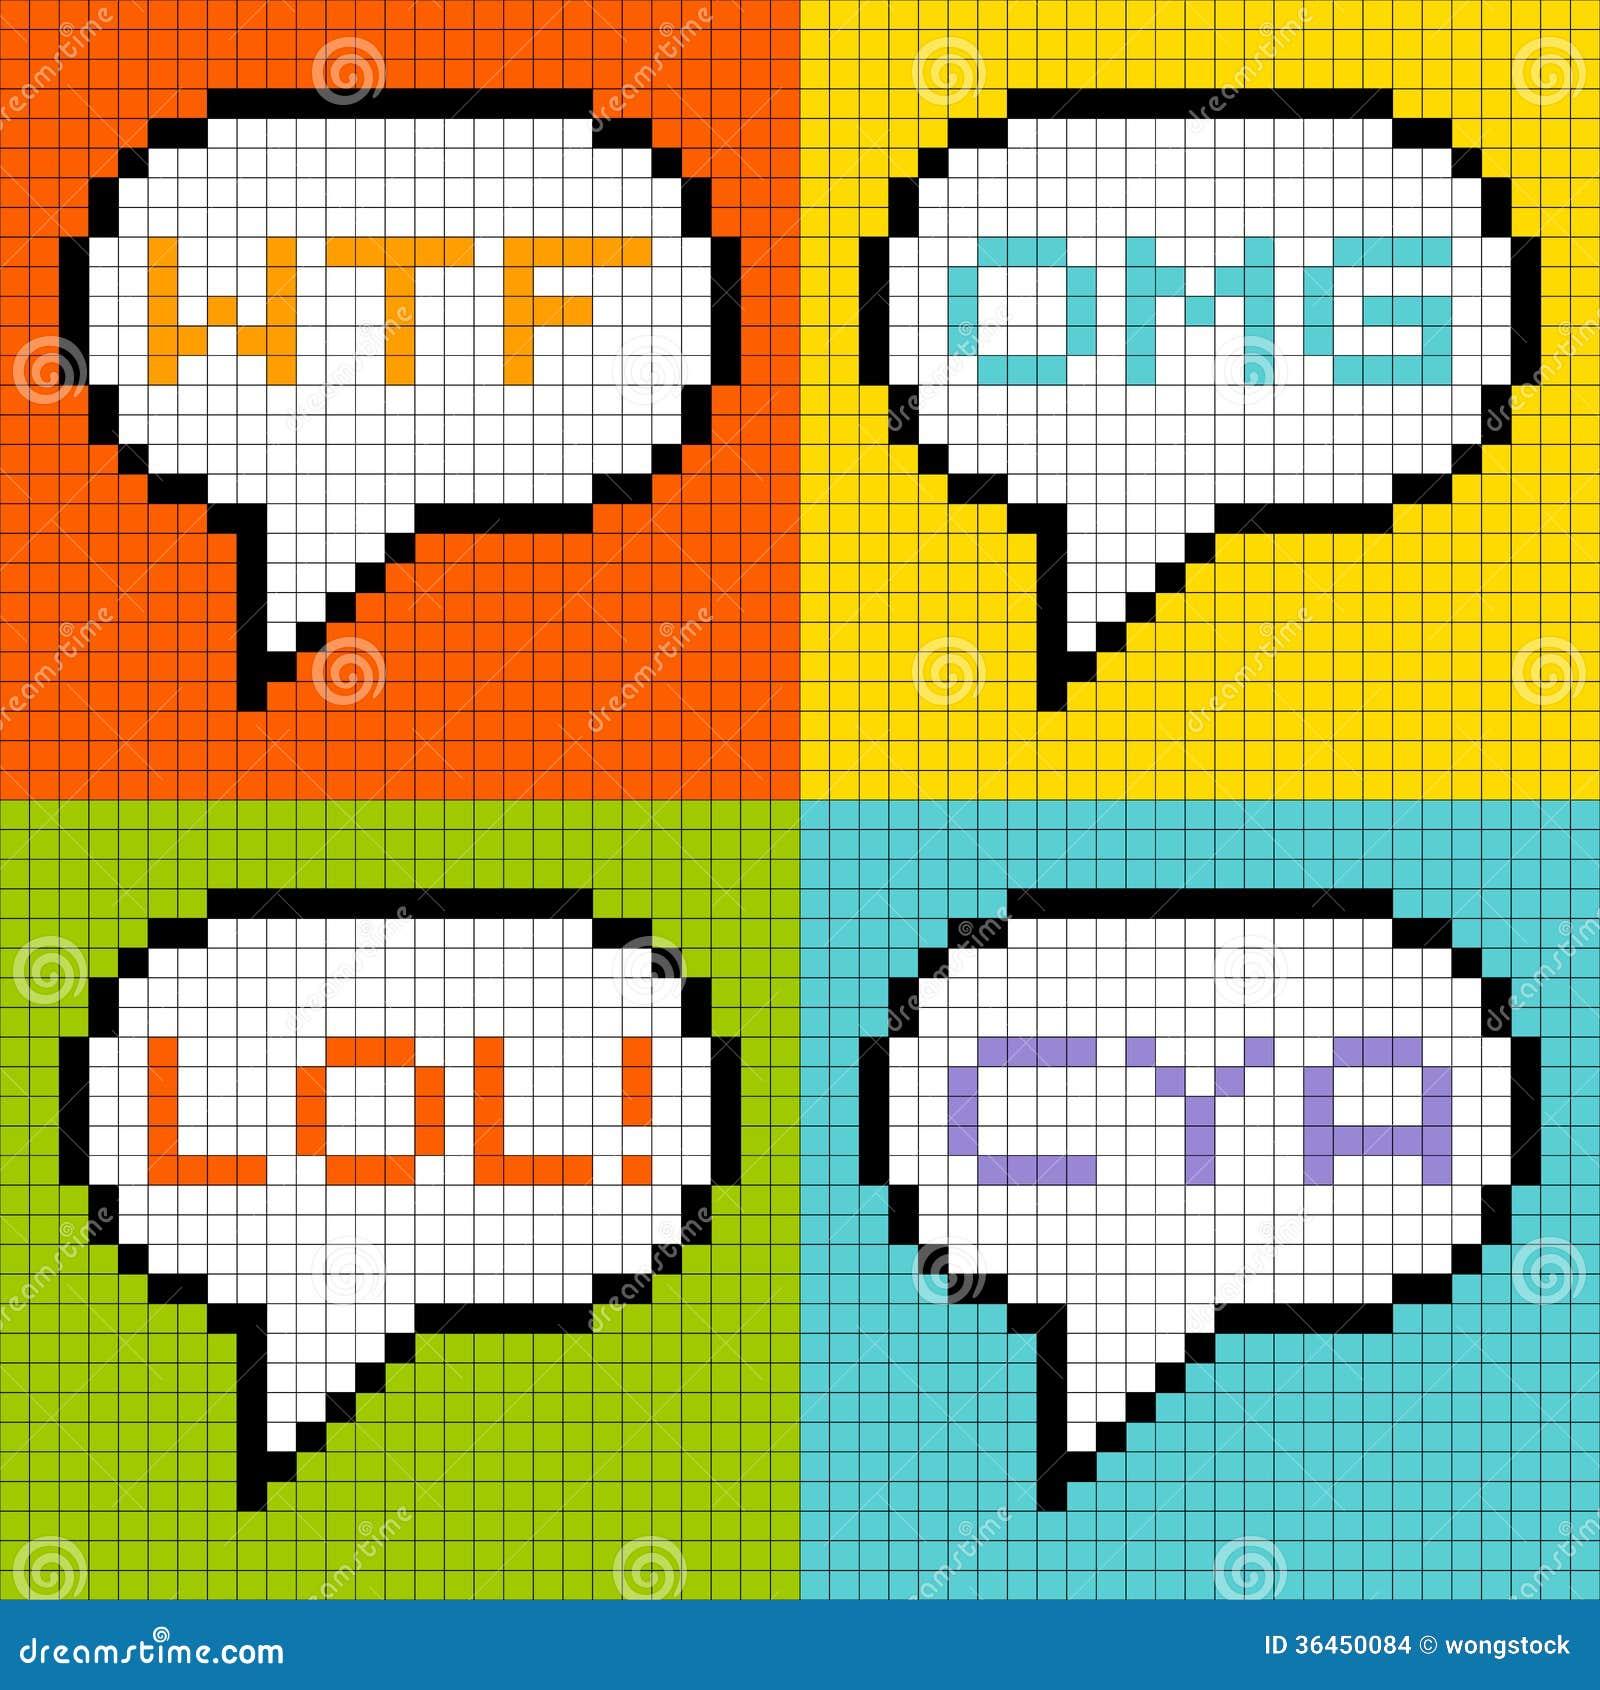 8bit pixel 3letter acronyms in speech bubbles stock